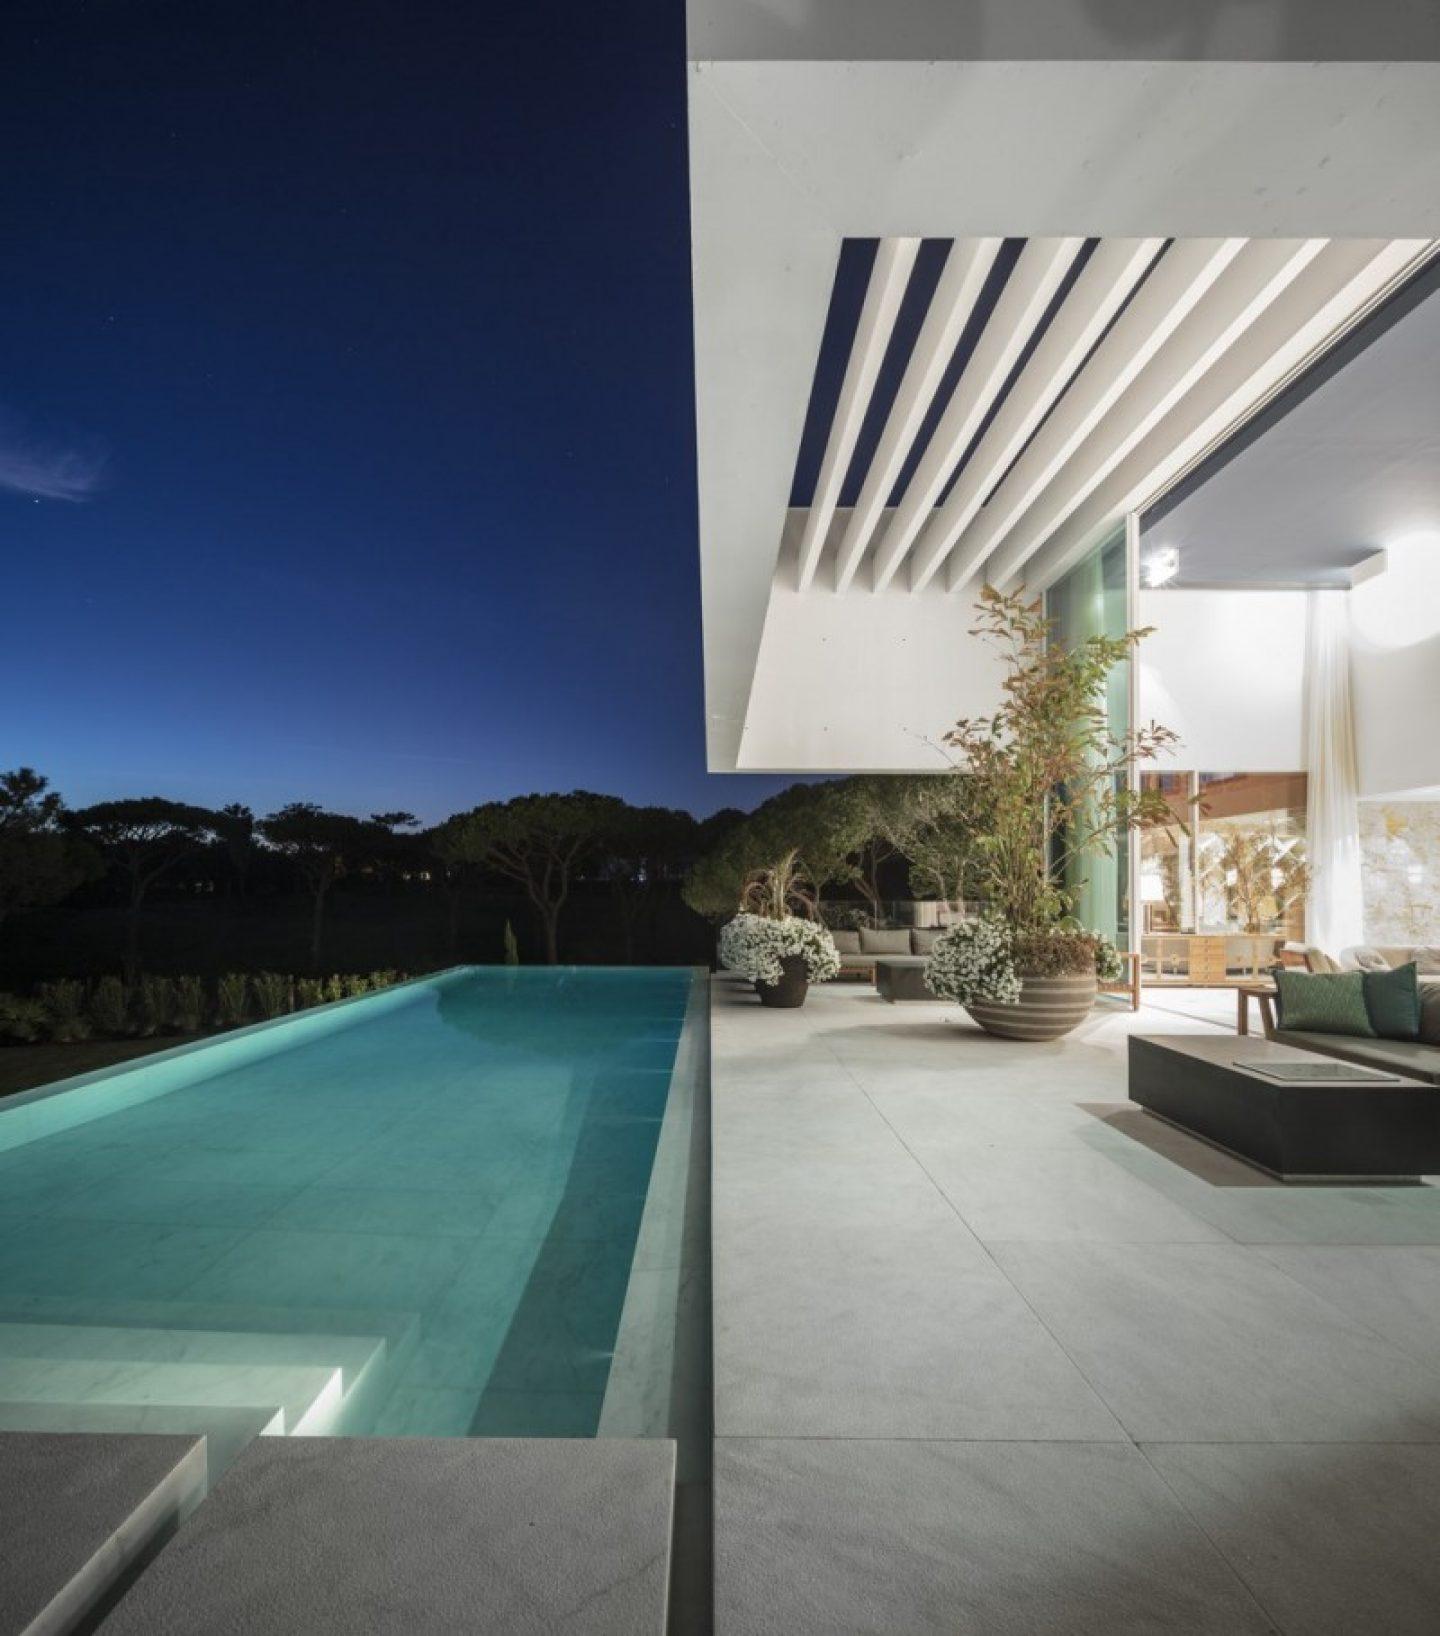 visioarq_arquitectos_architecture-18